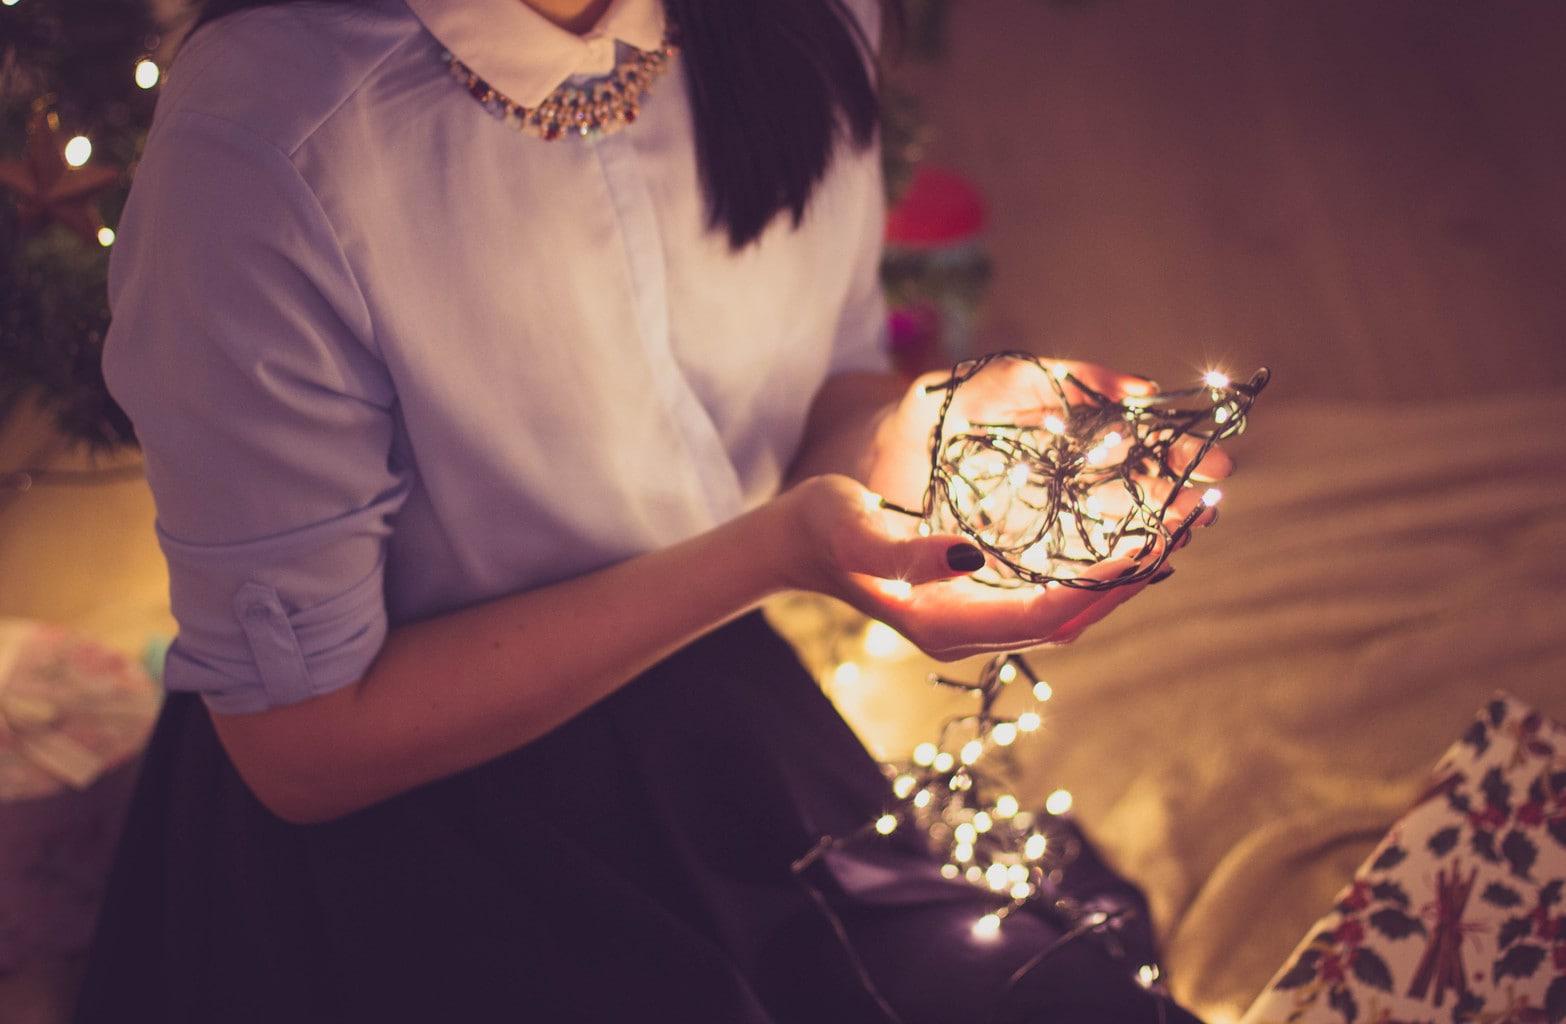 Christmas_lights_woman_CF